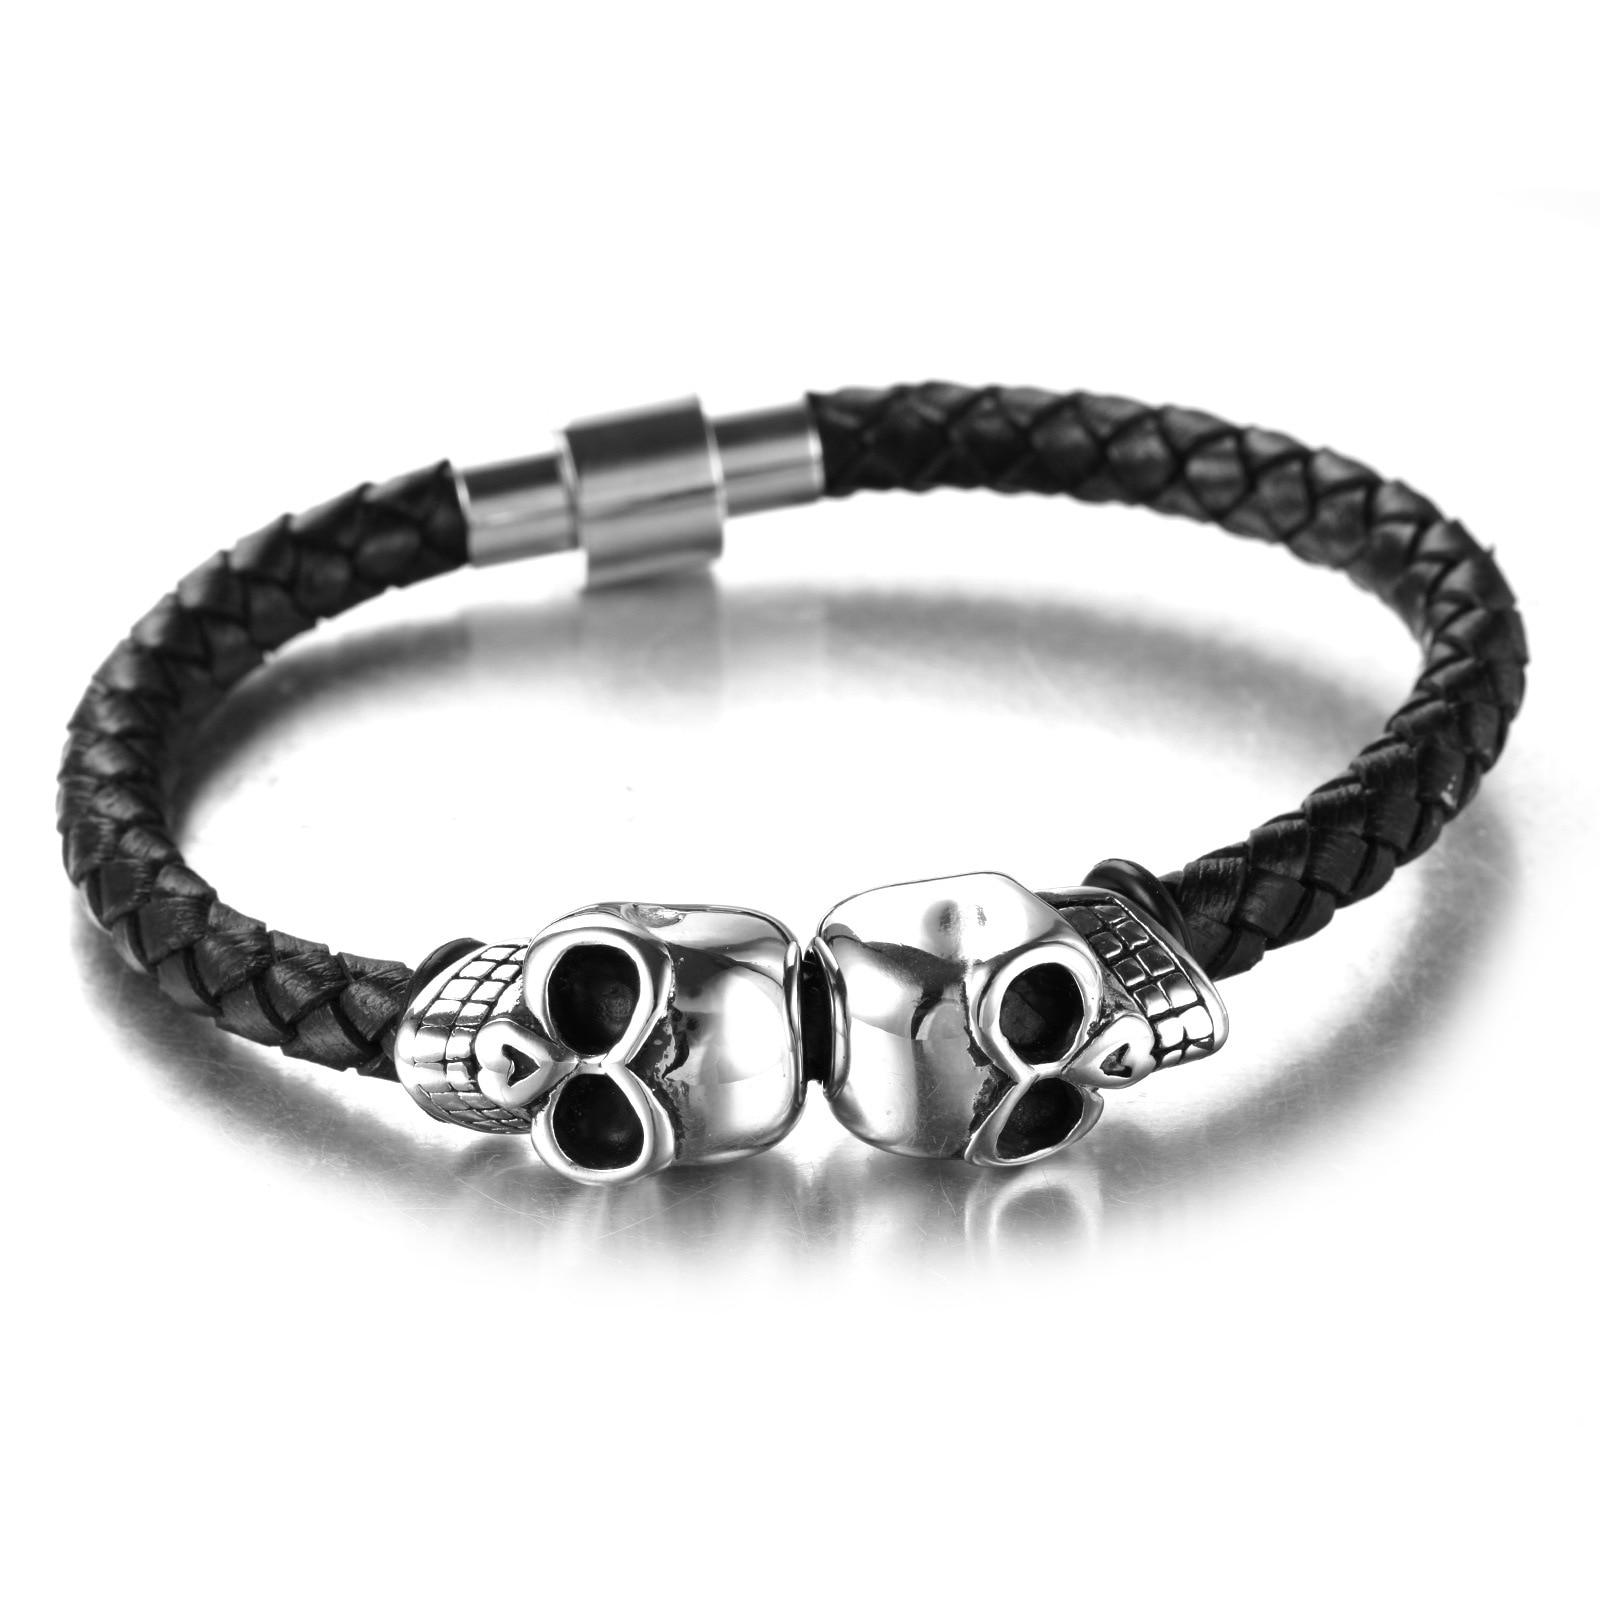 Bracelet viking en cuir véritable corde fermoir magnétique  4